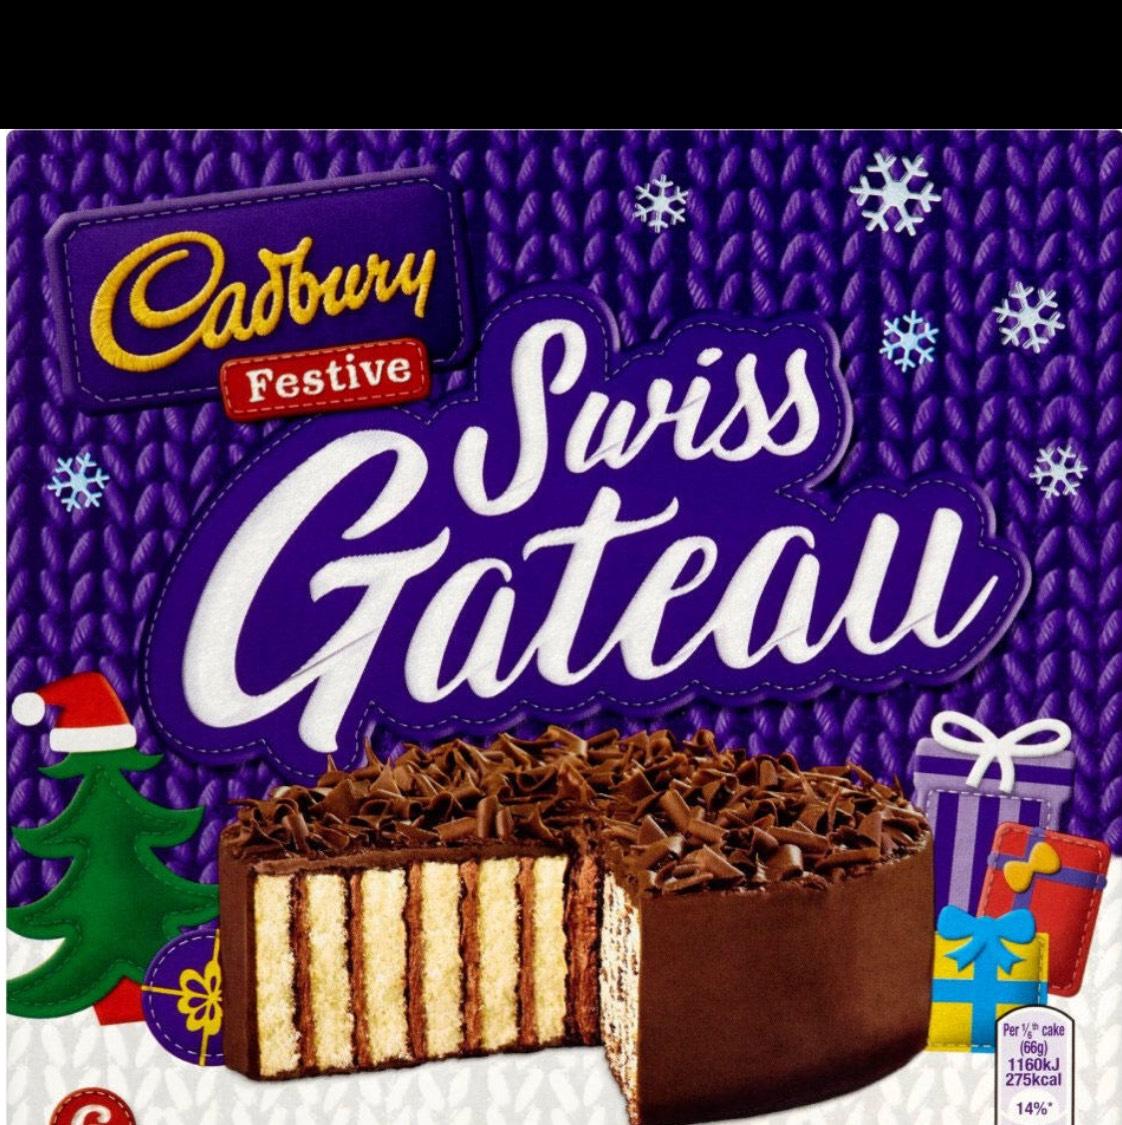 Cadbury Swiss Gateau Asda (instore) - 63p